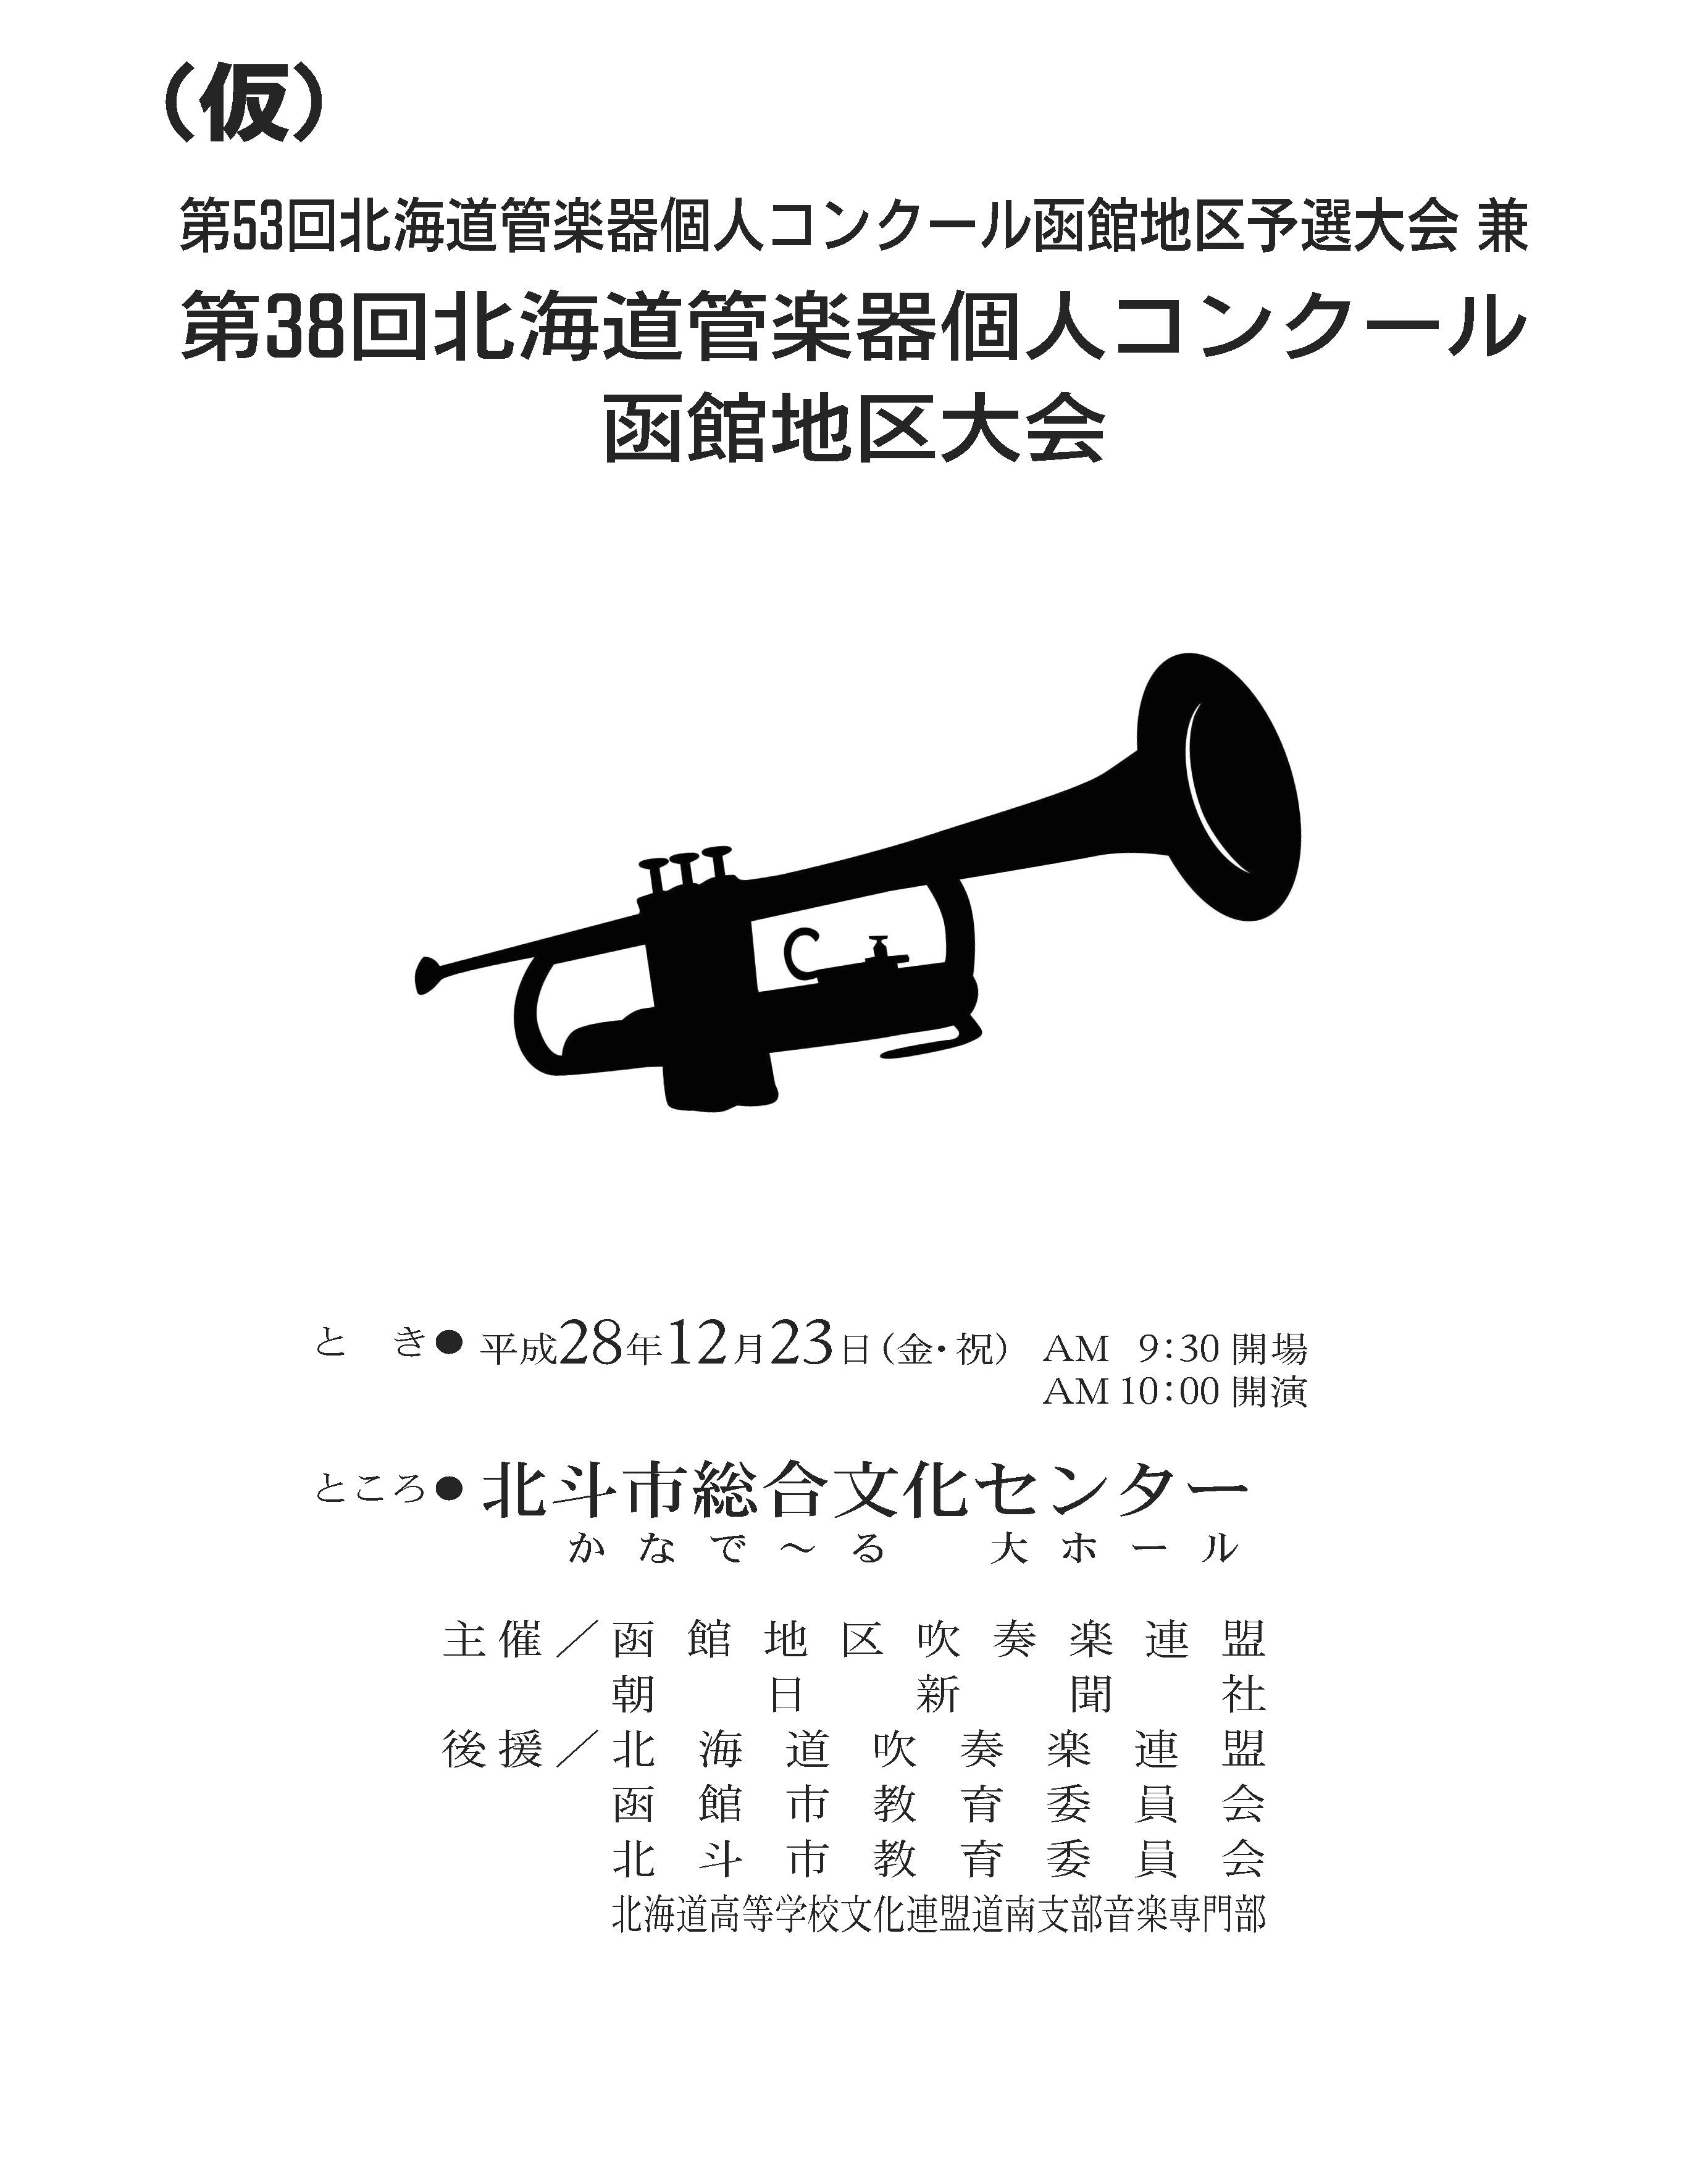 函館地区個人コンクール仮プログラム_ページ_1